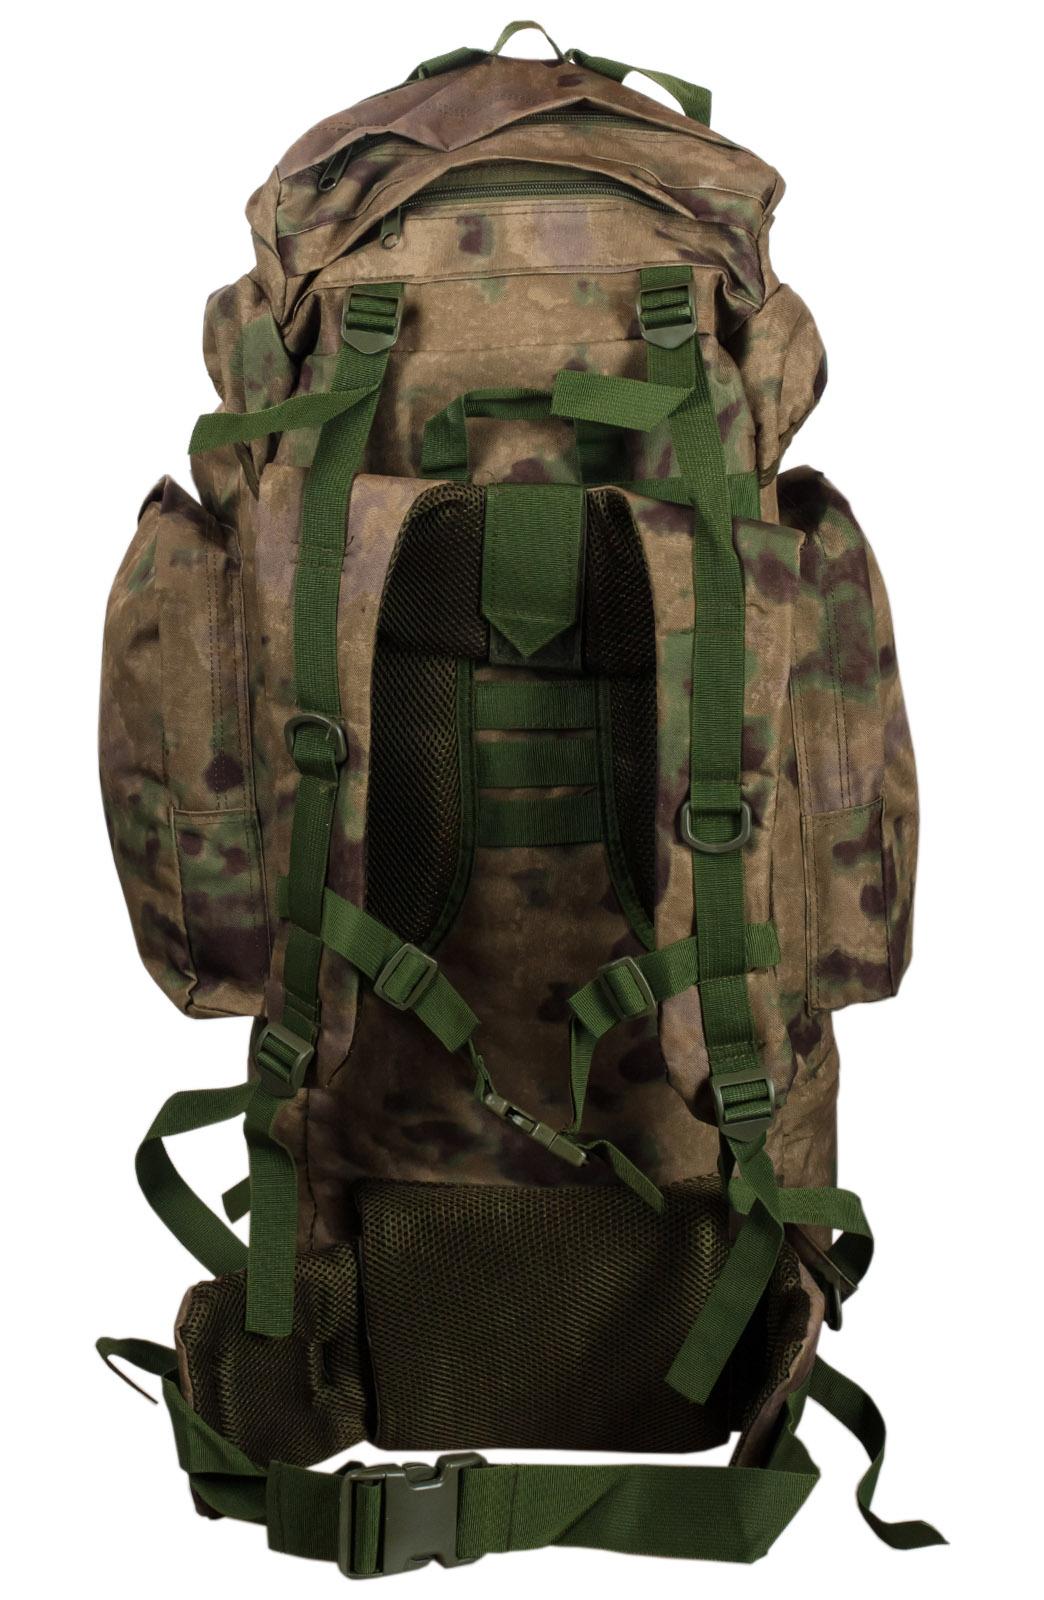 Тактический армейский рюкзак с нашивкой ВМФ - заказать в розницу